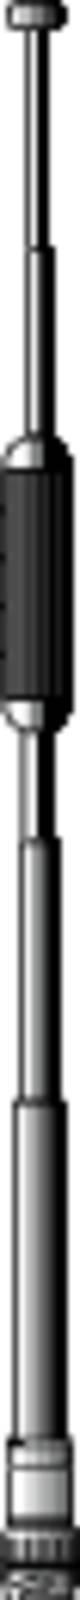 Antenne pour talkie-walkie Albrecht 6157 AE Handscanner Type lambda 1/4